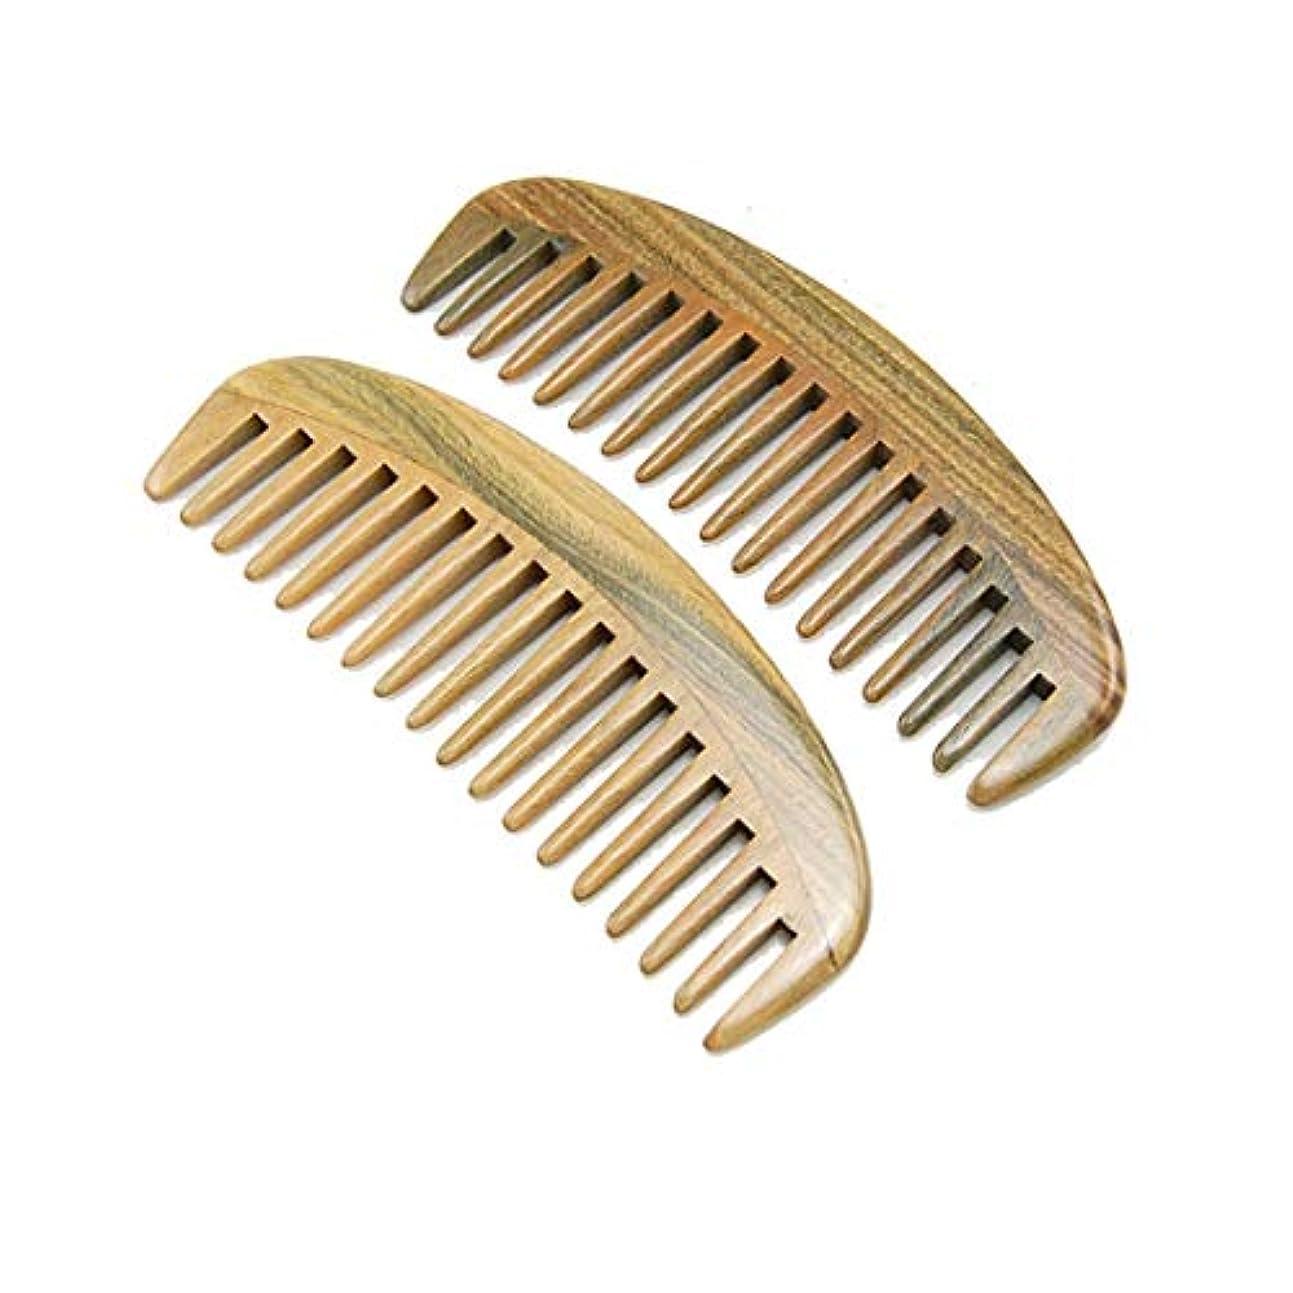 ストライプタービントライアスロンいいえ静的なもつれを解くナチュラルアロマ木製コムズ - グリーンビャクダンバッファローホーンワイドトゥースヘアブラシ用男性女性とキッズ-2ピースヘアコーム ヘアケア (色 : Wide tooth+Wide tooth)